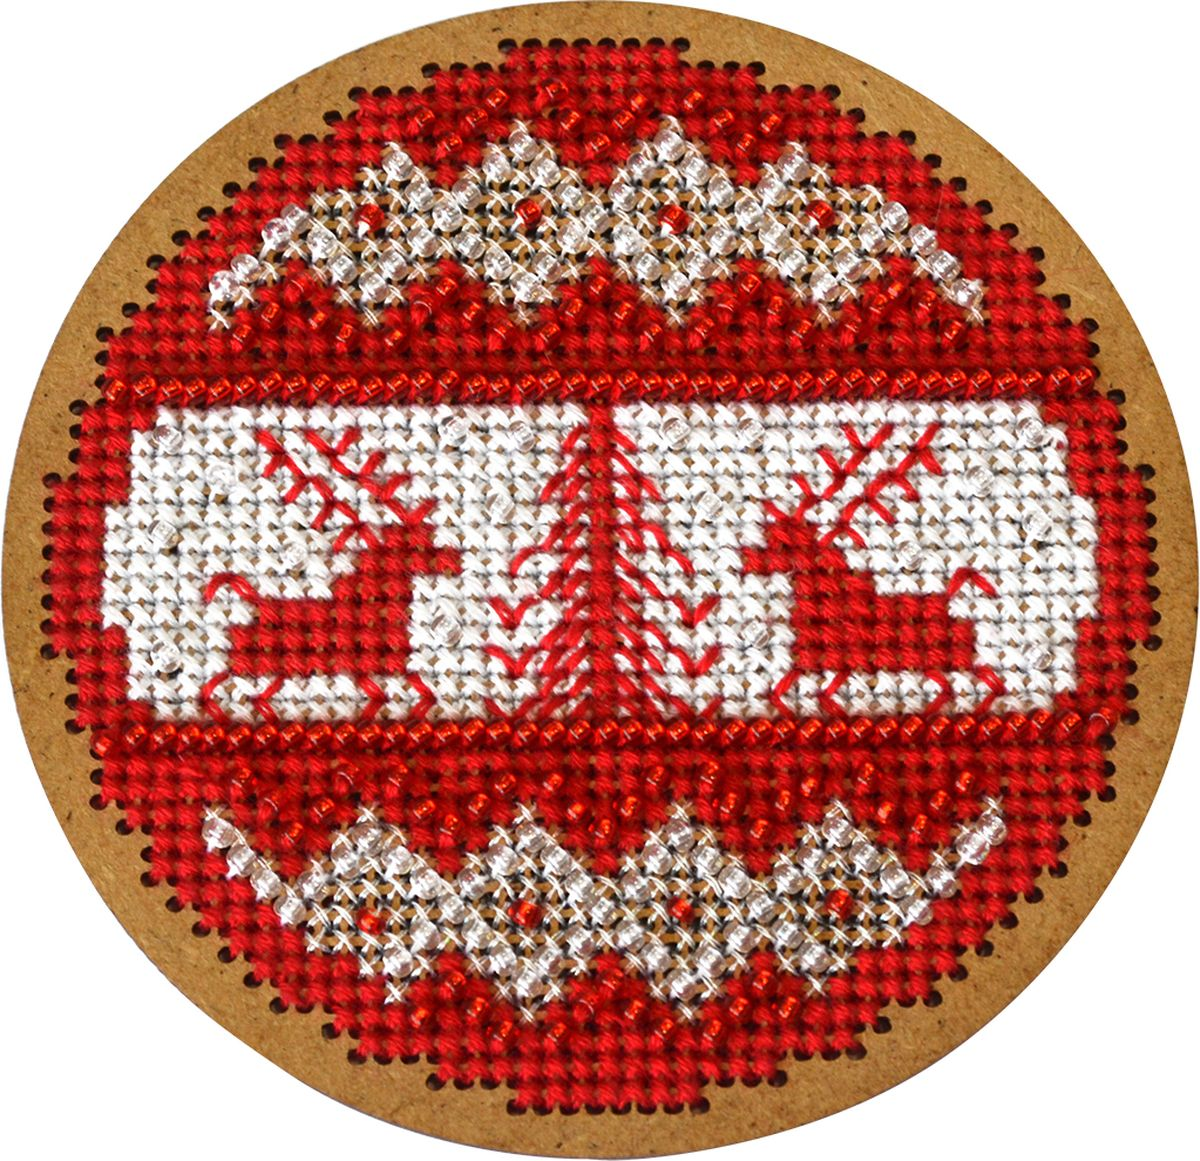 Набор для вышивания крестом Созвездие Новогодняя игрушка. Скандинавский узор, 8,5 х 8,5 см набор для вышивания крестом luca s дневной котенок 5 5 х 10 см